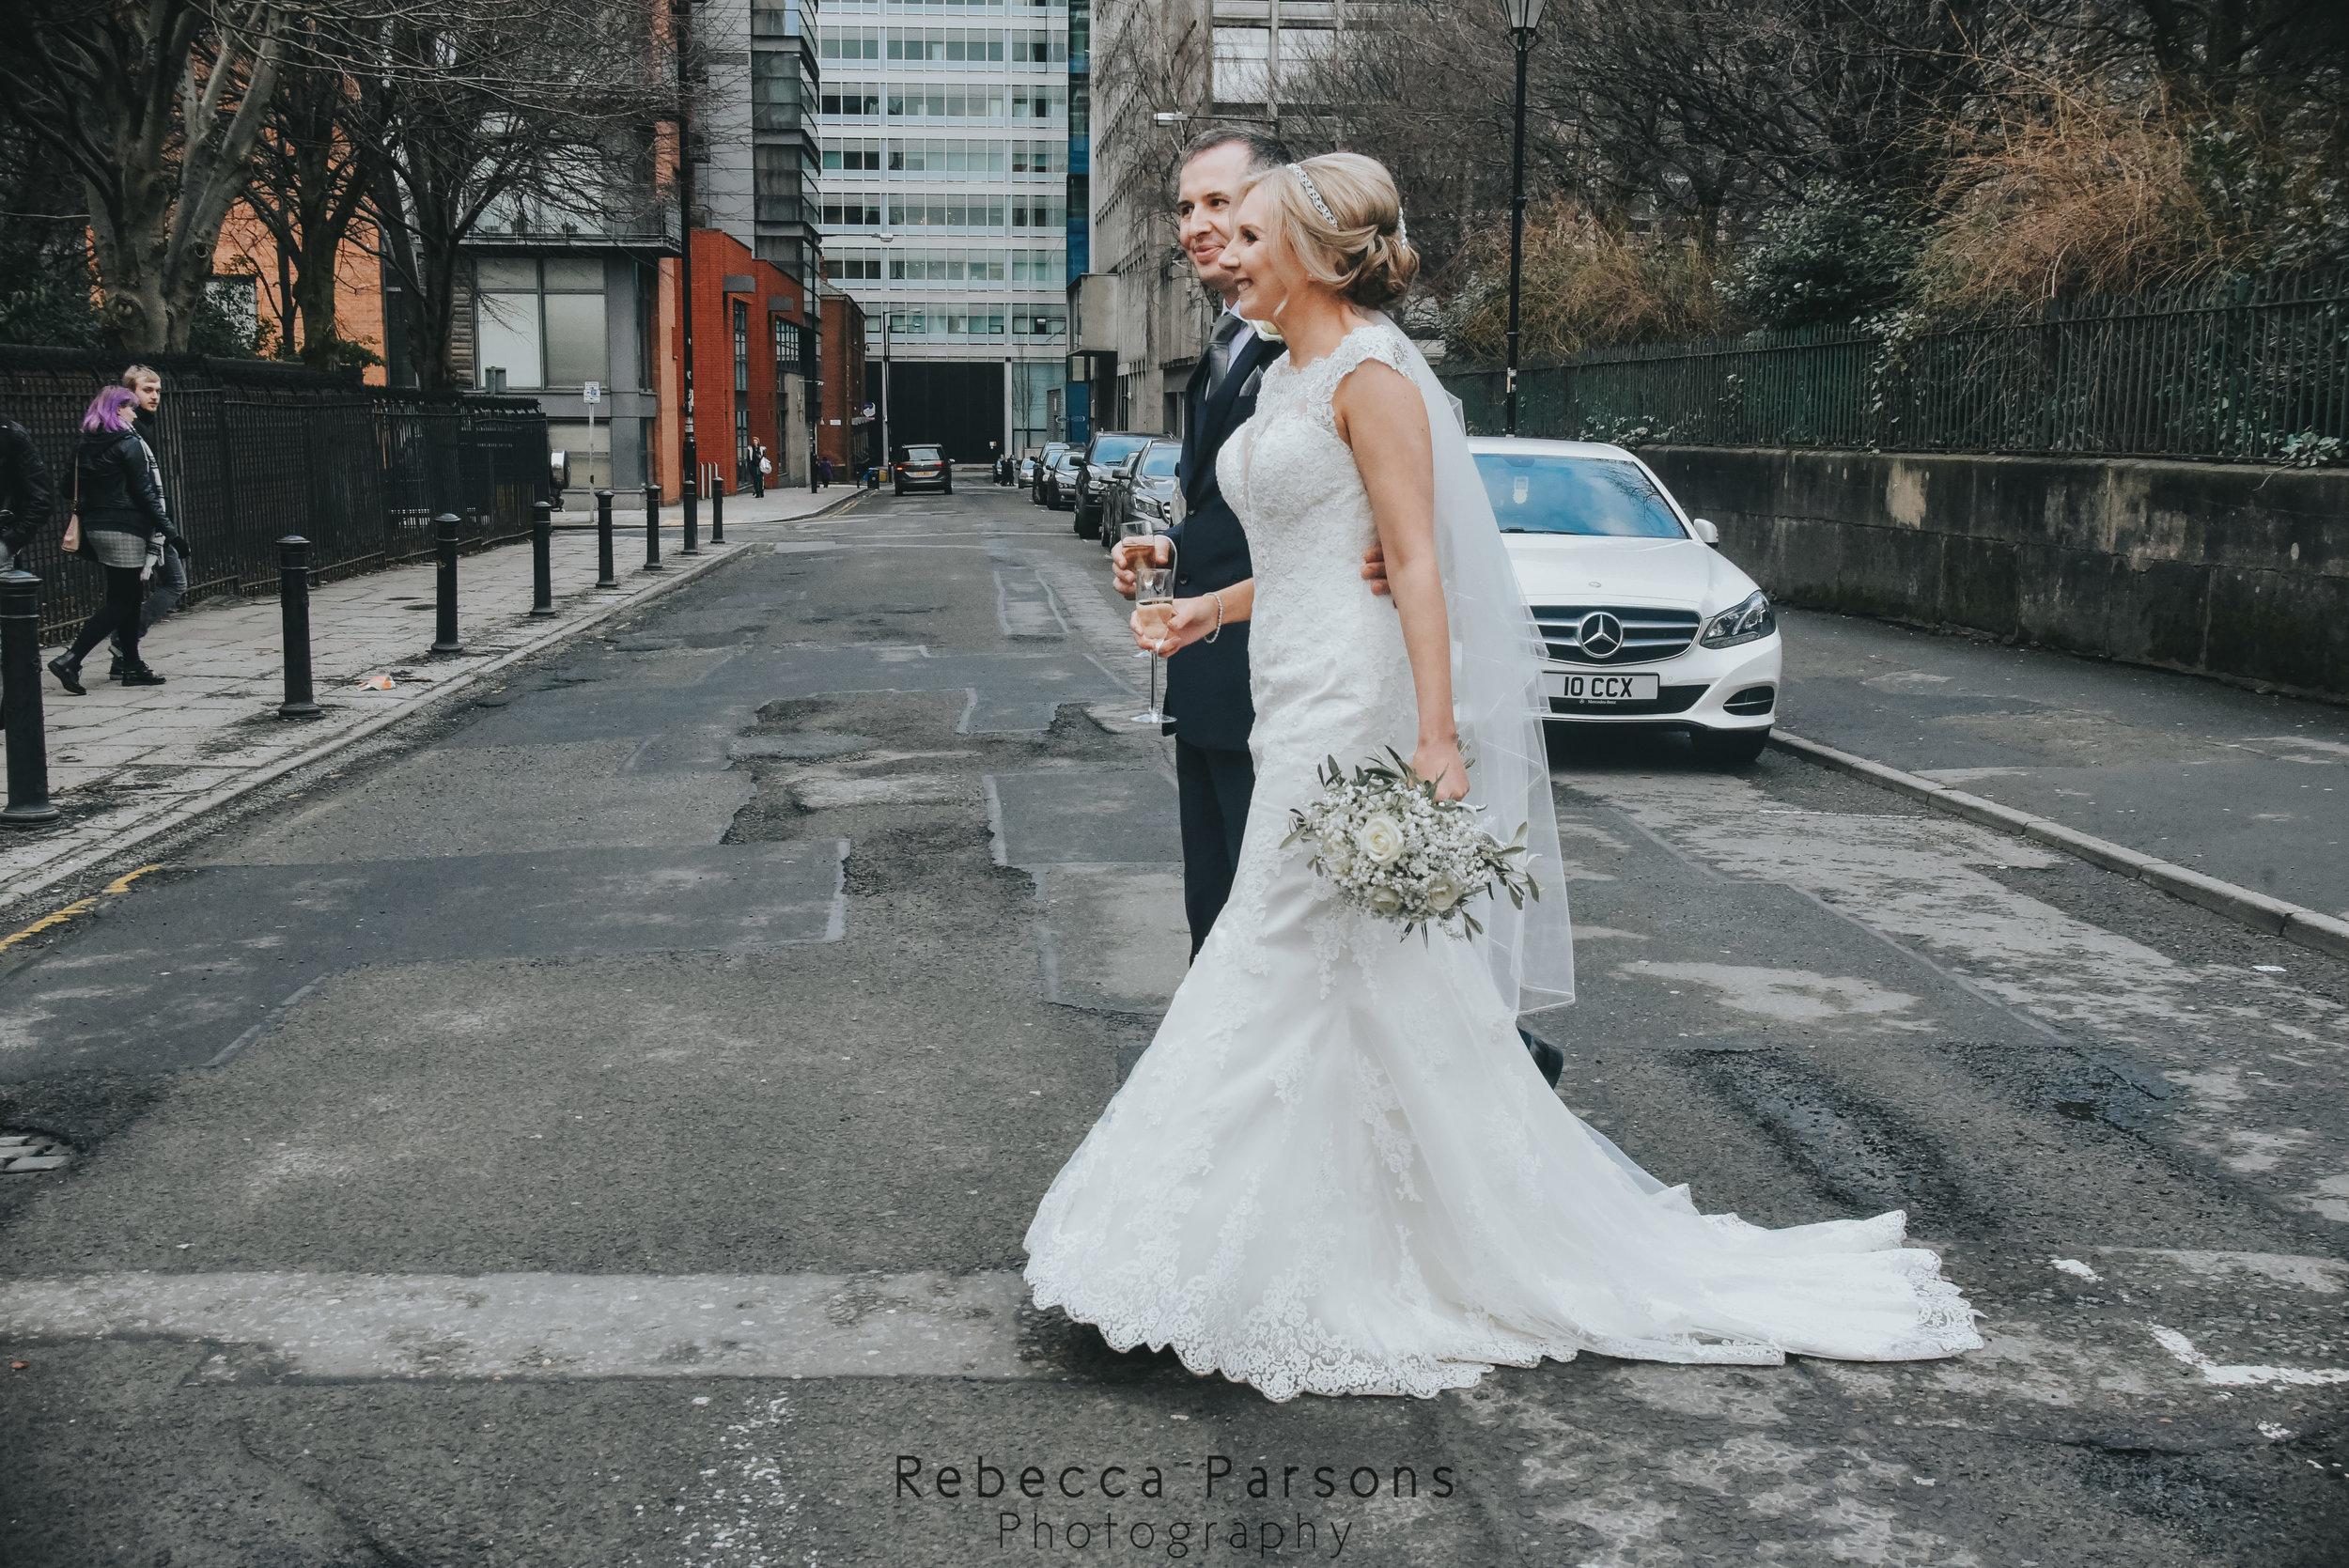 bride and groom crossing road